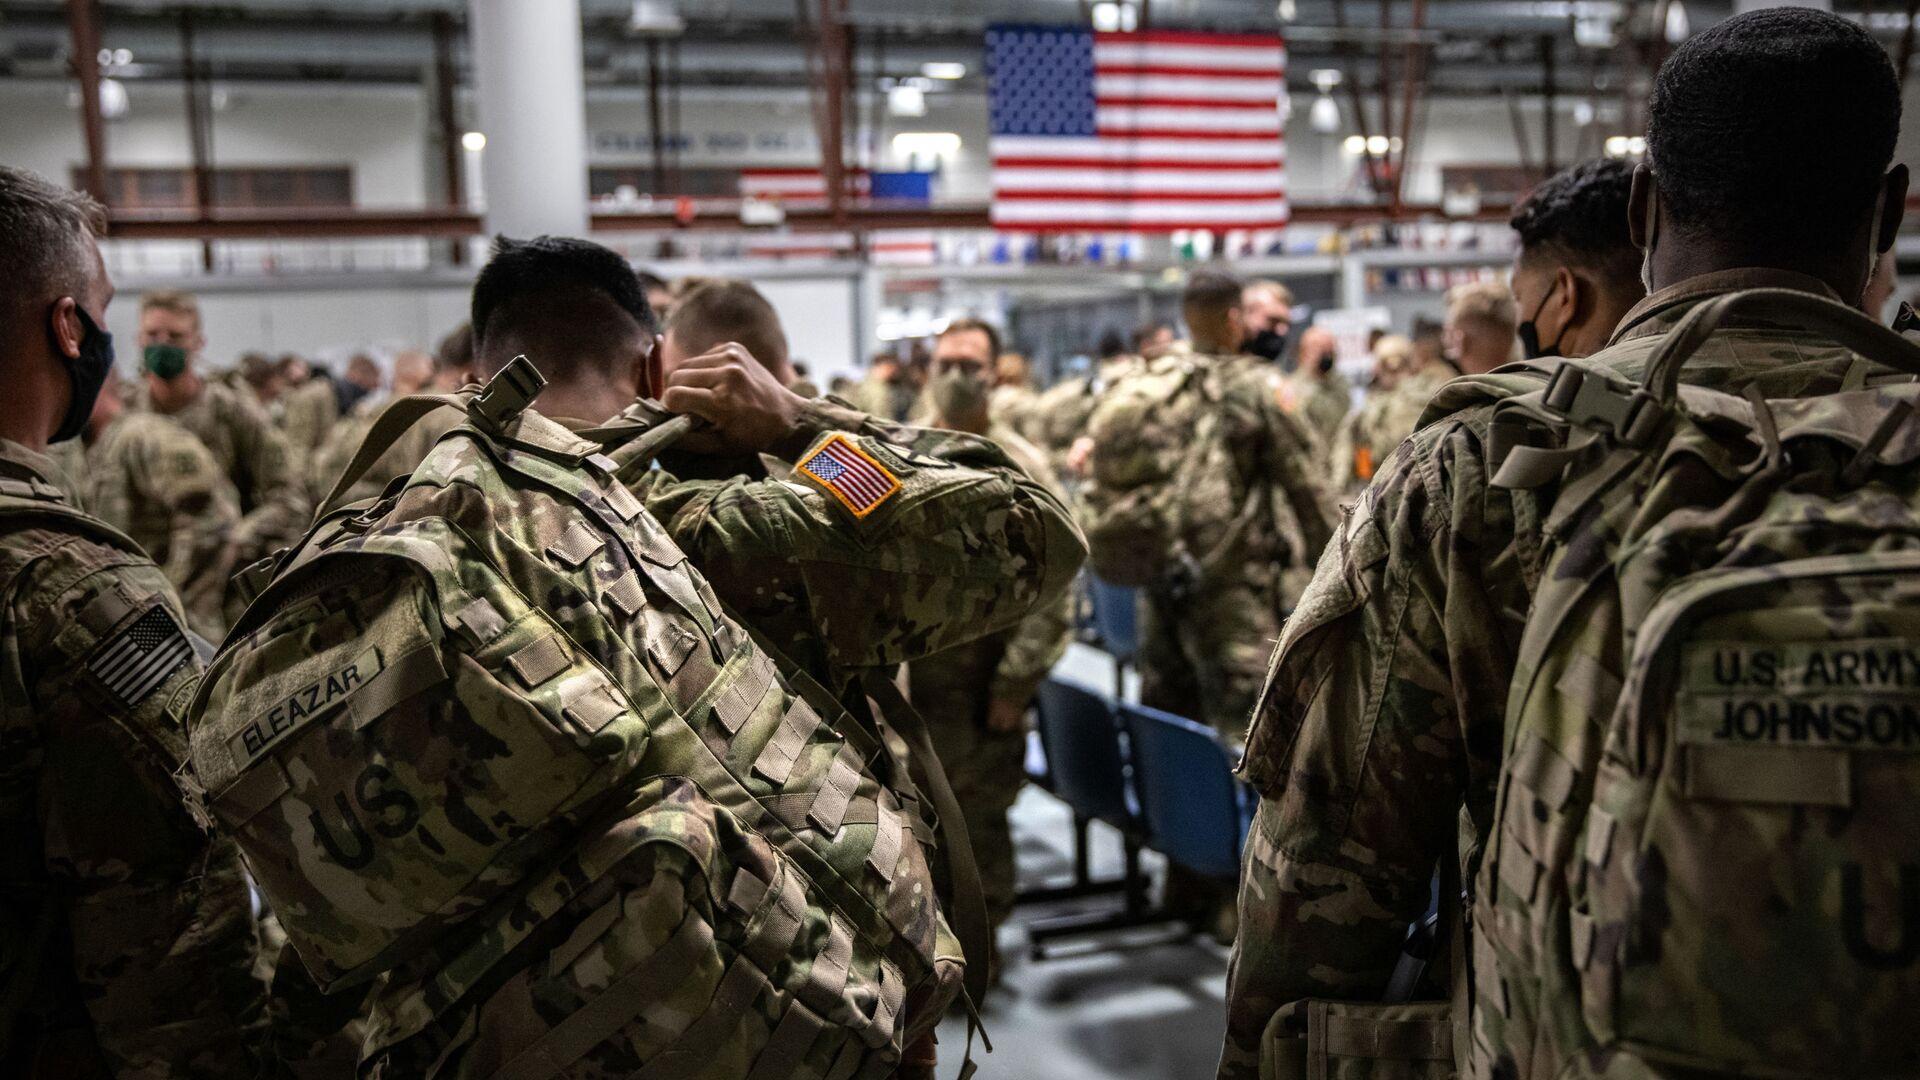 Des militaires US arrivent à Fort Drum, près de New York, après avoir passé neuf mois en Afghanistan en 2020 - Sputnik France, 1920, 02.09.2021